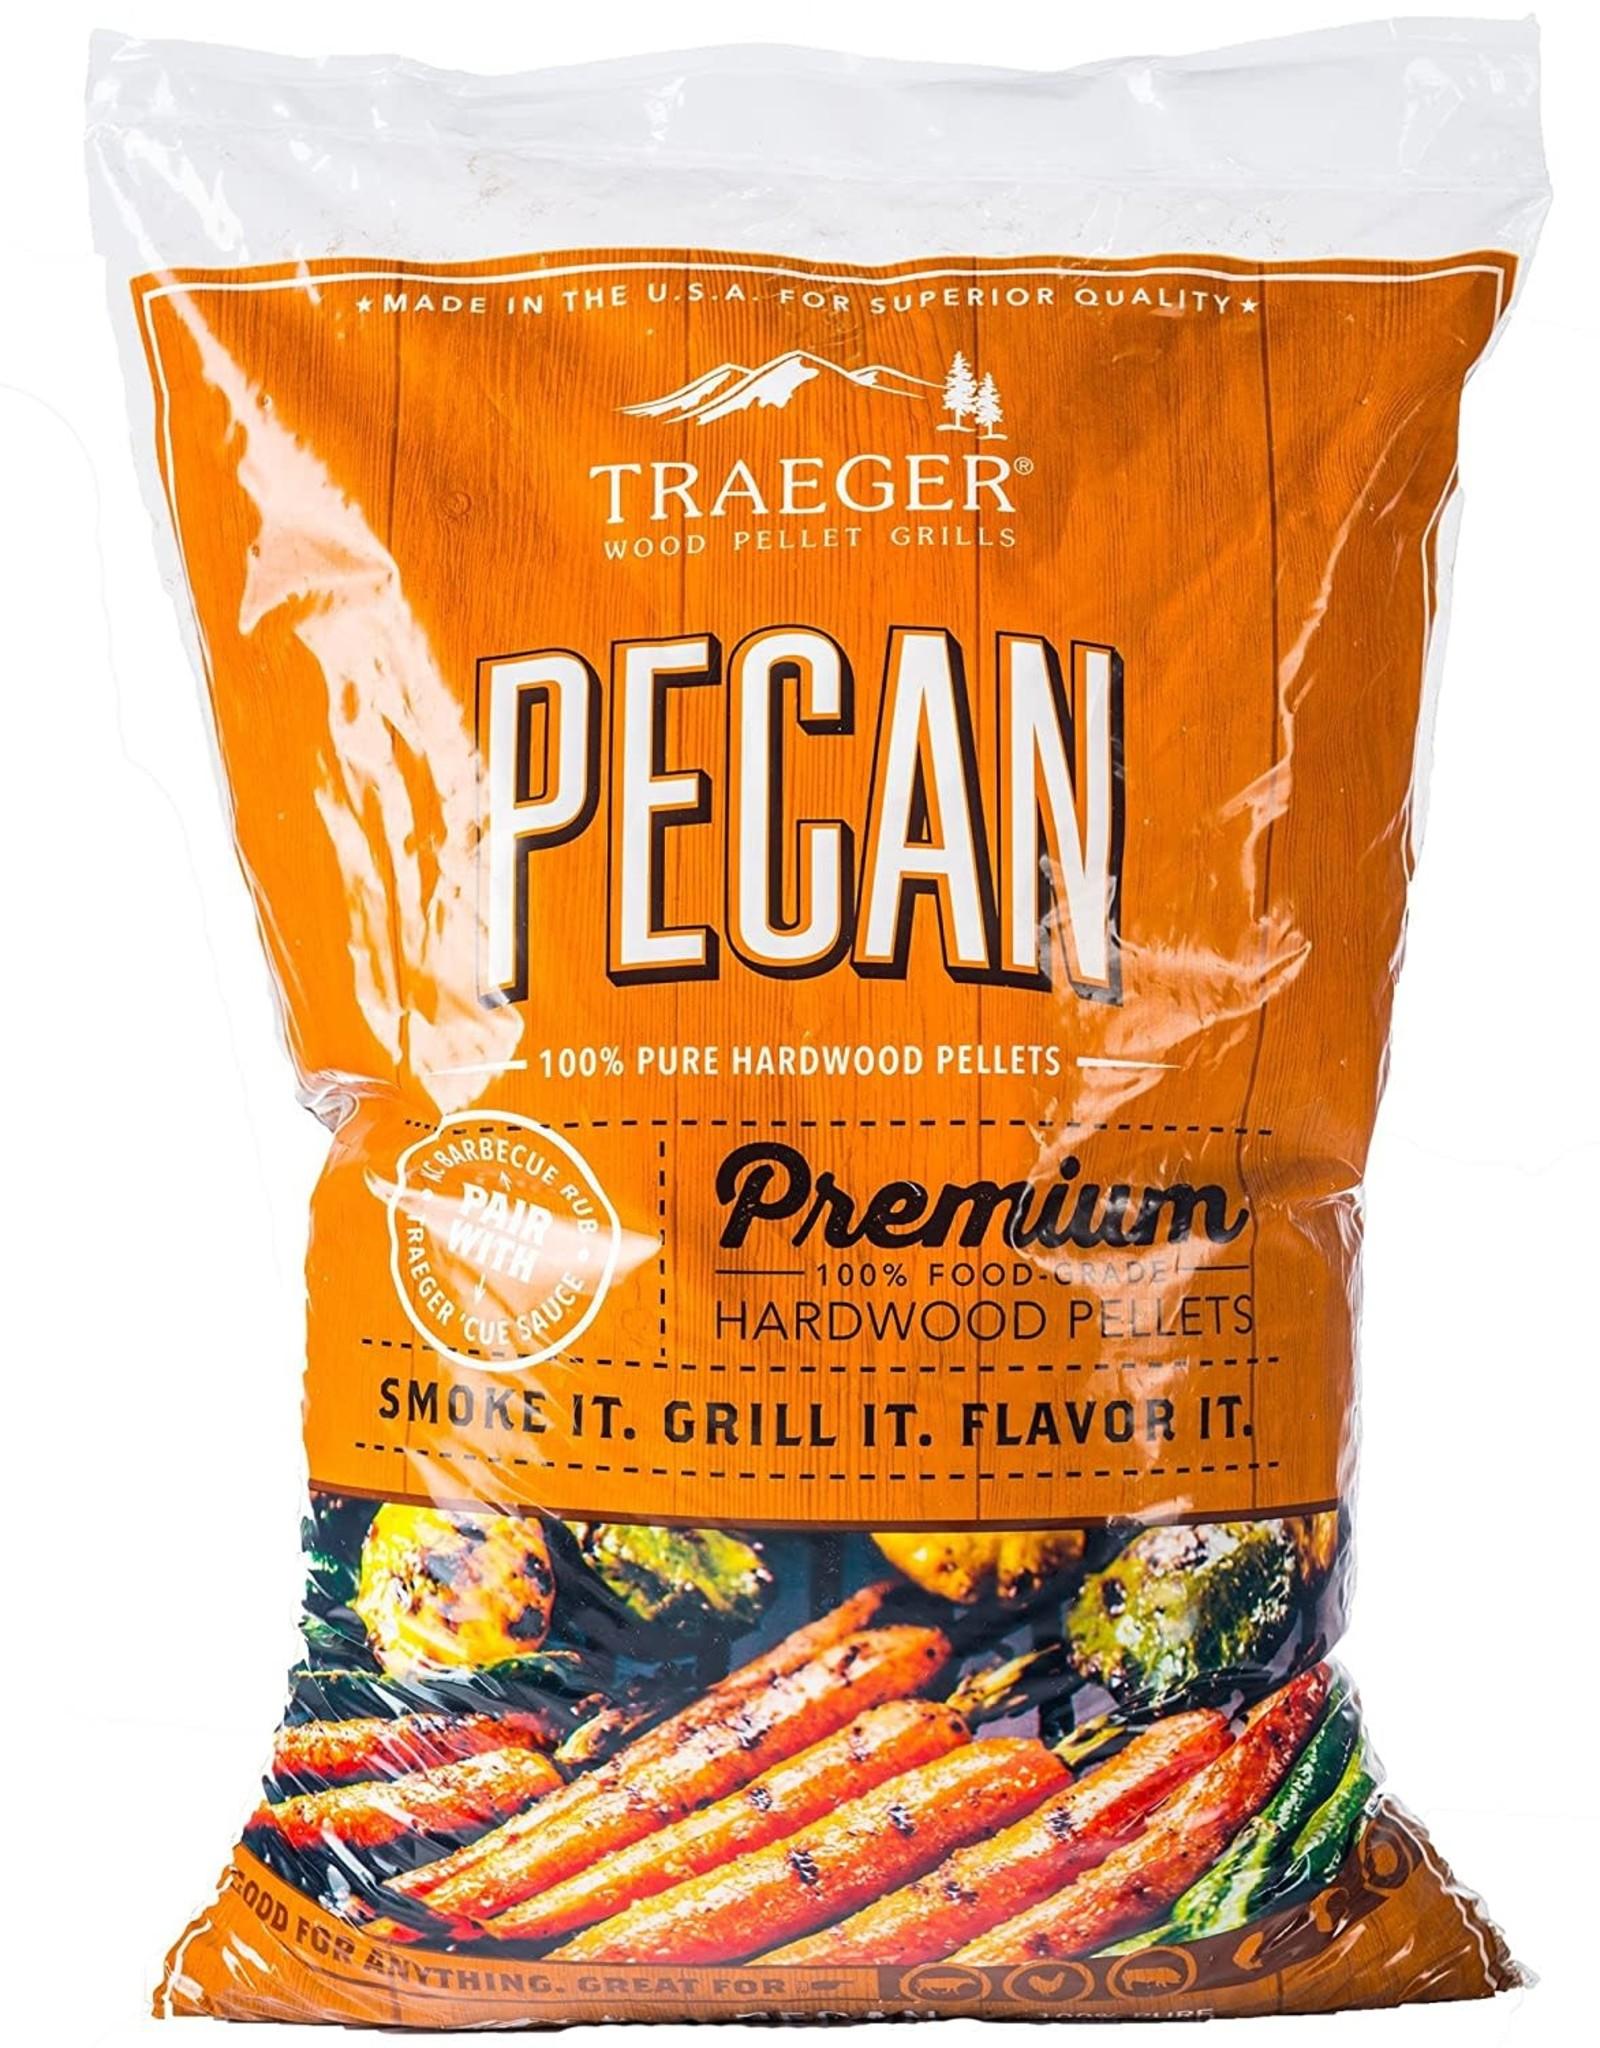 Traeger Traeger 20 Lb. Natural Hardwood Pellets - Pecan